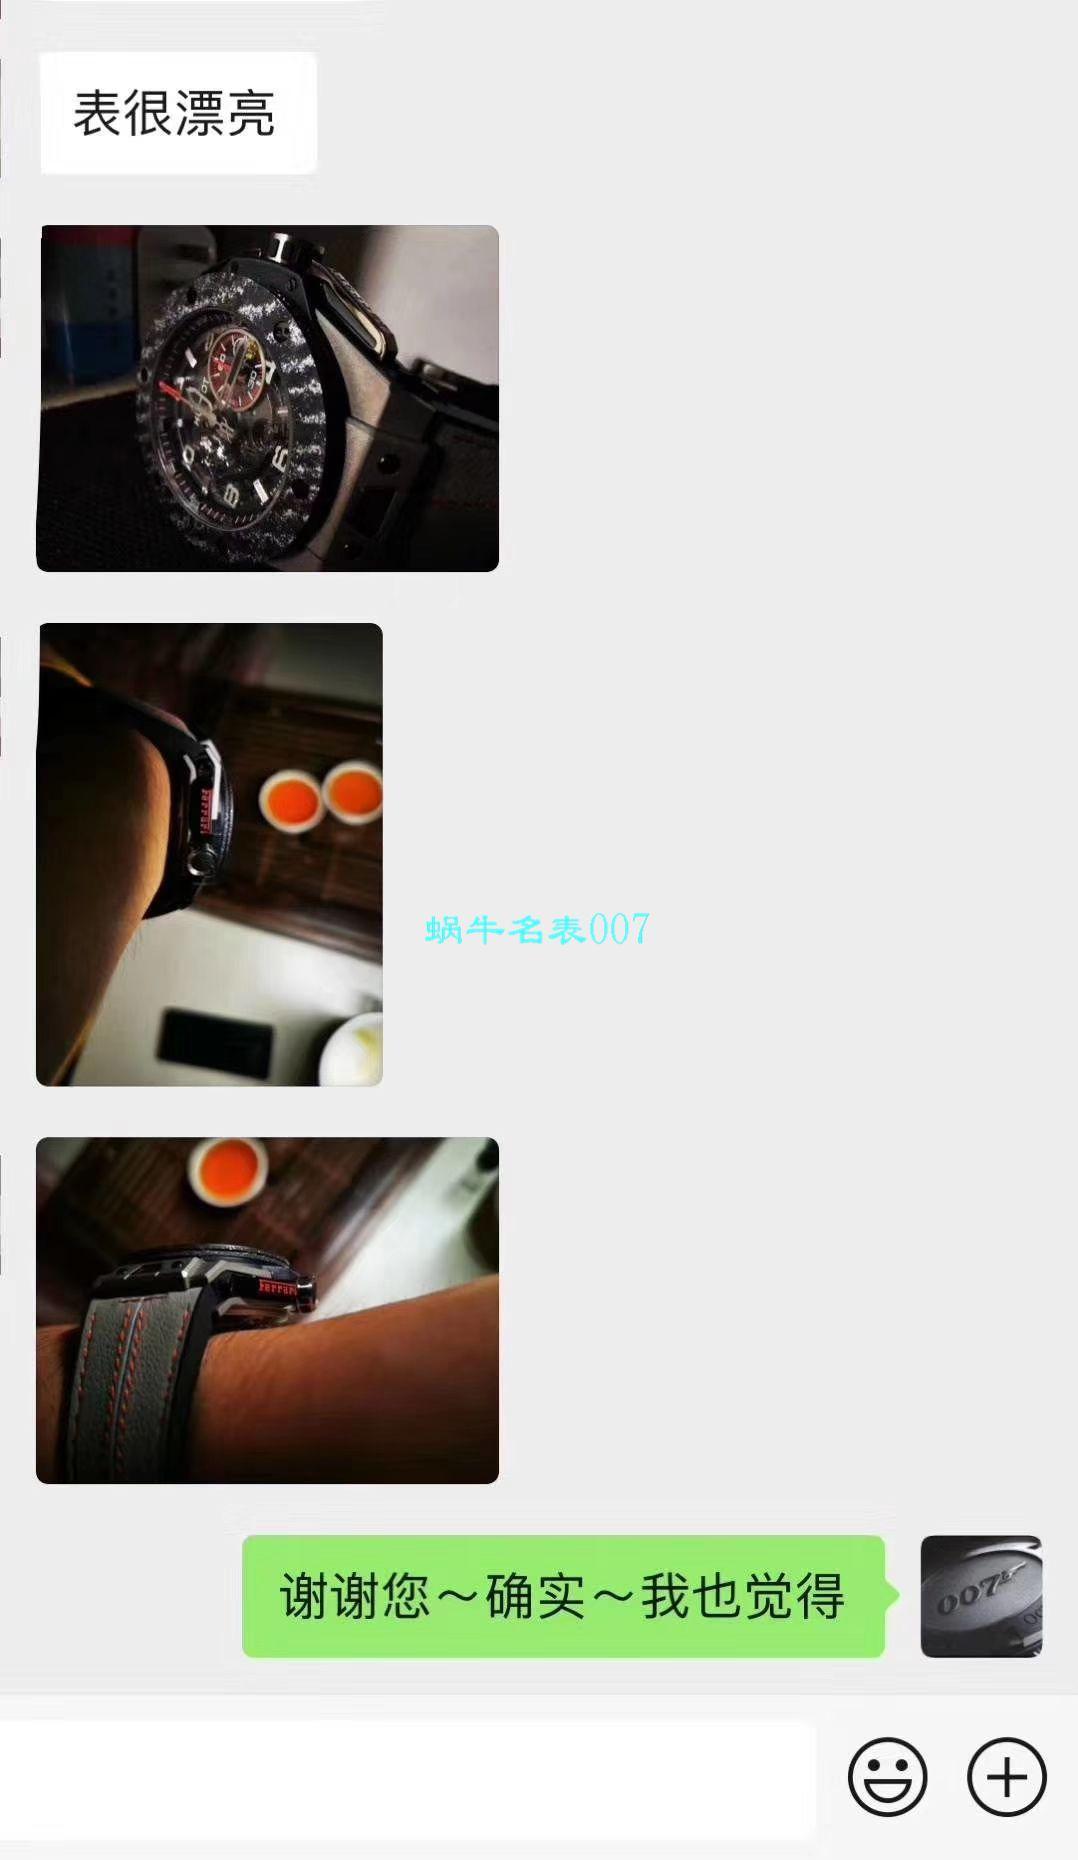 【视频评测v6厂官网手表】宇舶BIG BANG FERRARI法拉利系列401.NJ.0123.VR腕表(手表复刻版是什么意思) / YB069